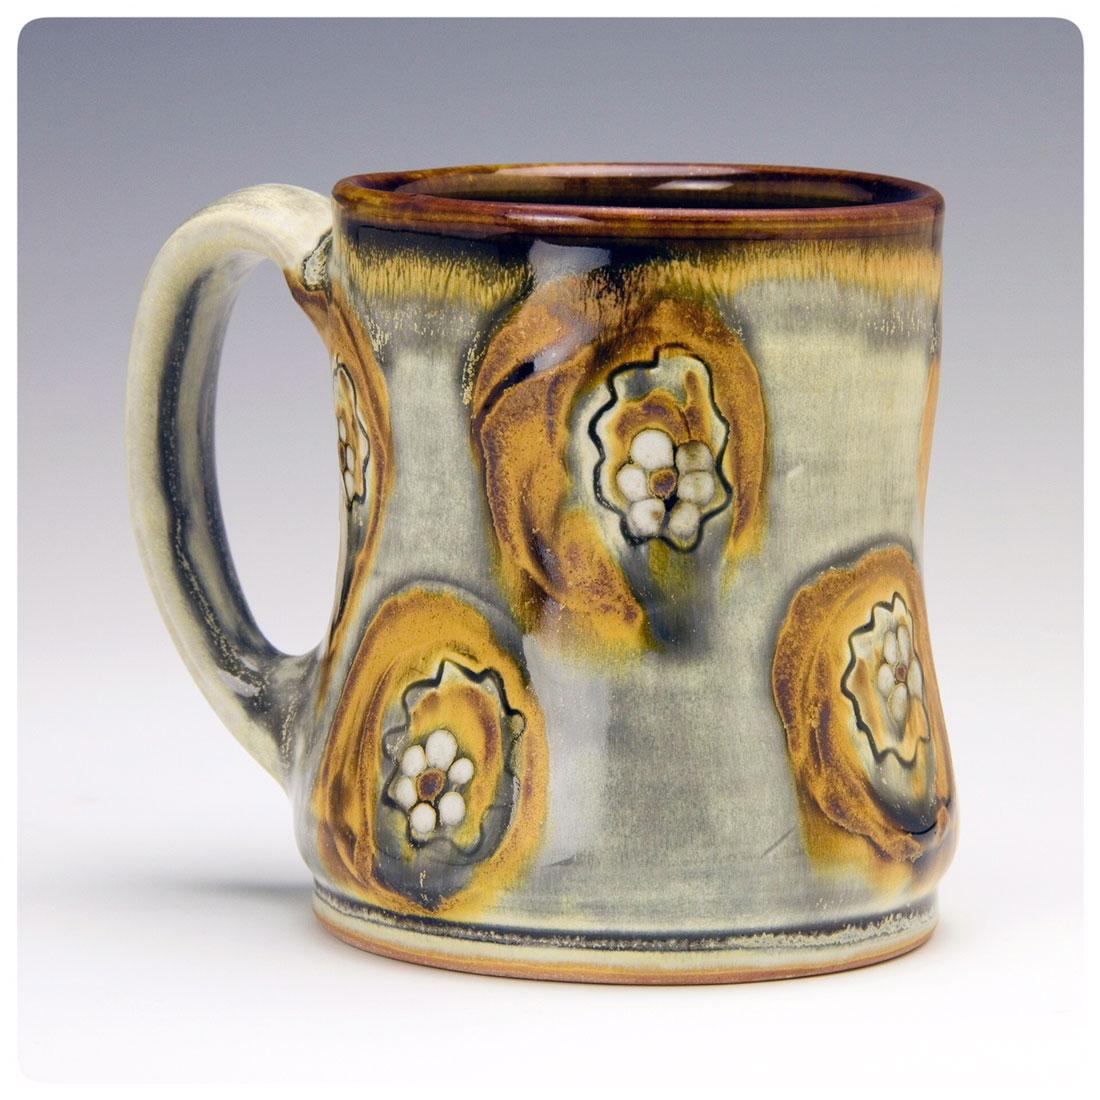 Mug with brush abstract floral deco made by Samantha Henneke | Bulldog Pottery | Seagrove | North Carolina